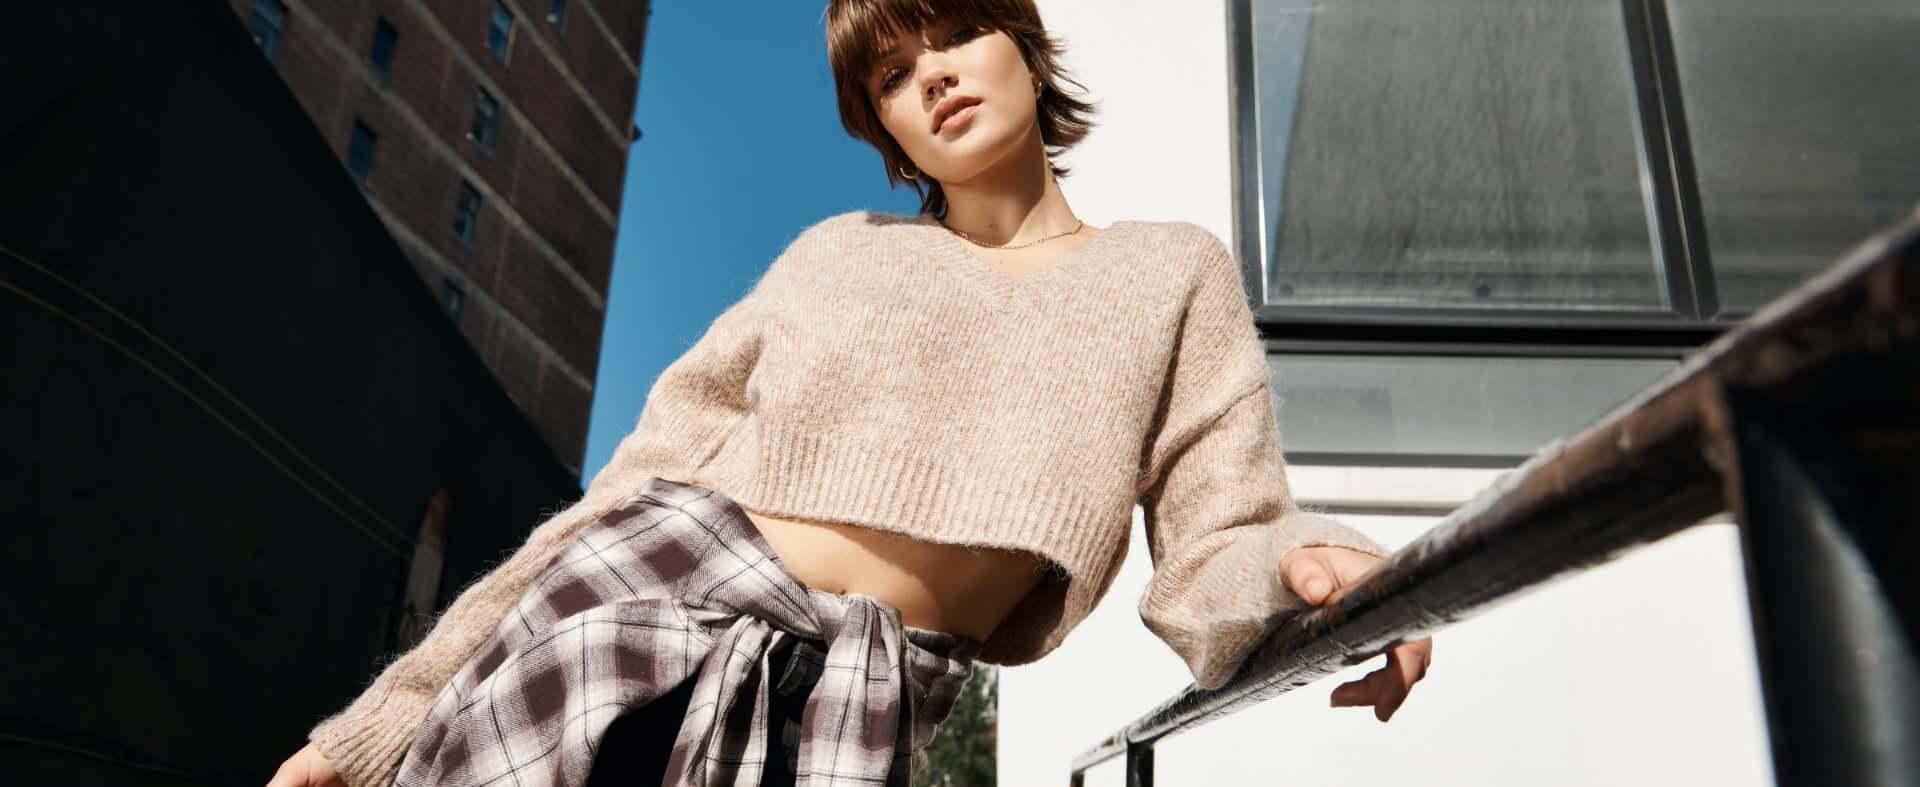 Models wearing Garage clothing.